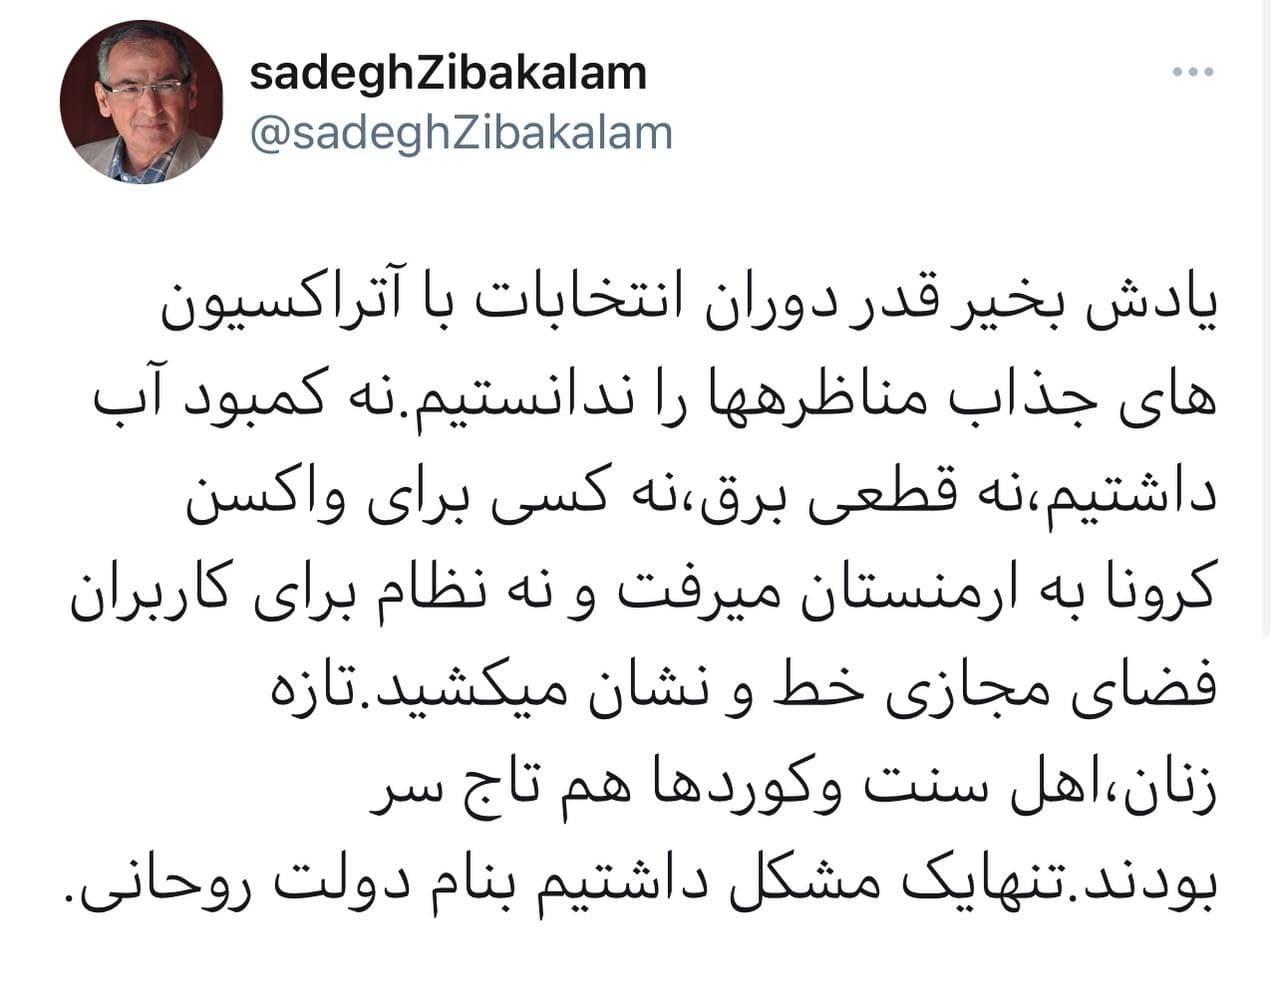 صادق زیباکلام: یادش بخیر قدر دوران انتخابات را ندانستیم!